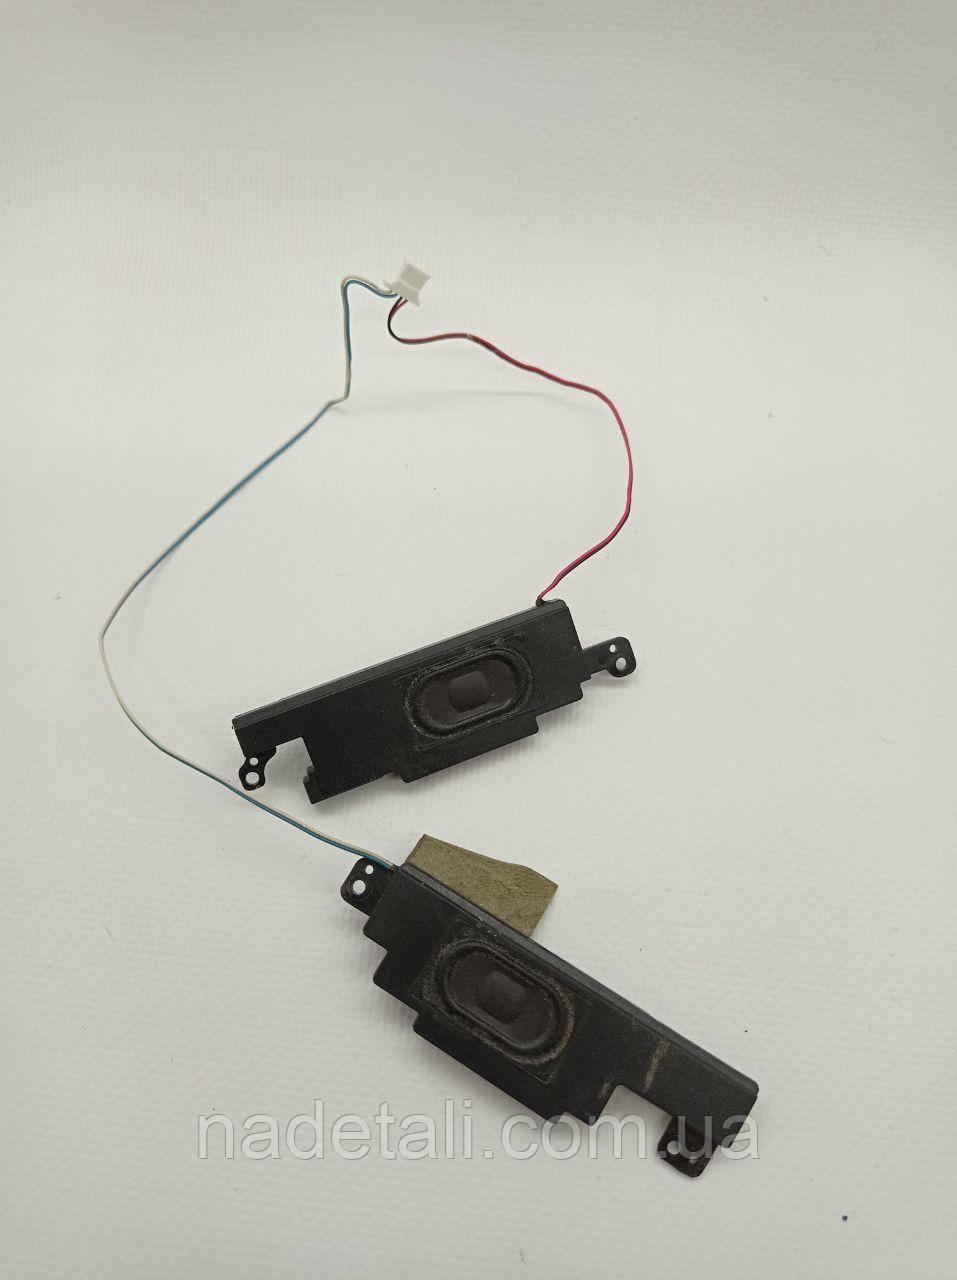 Динамики Packard Bell Etna-GM 23.40429.001